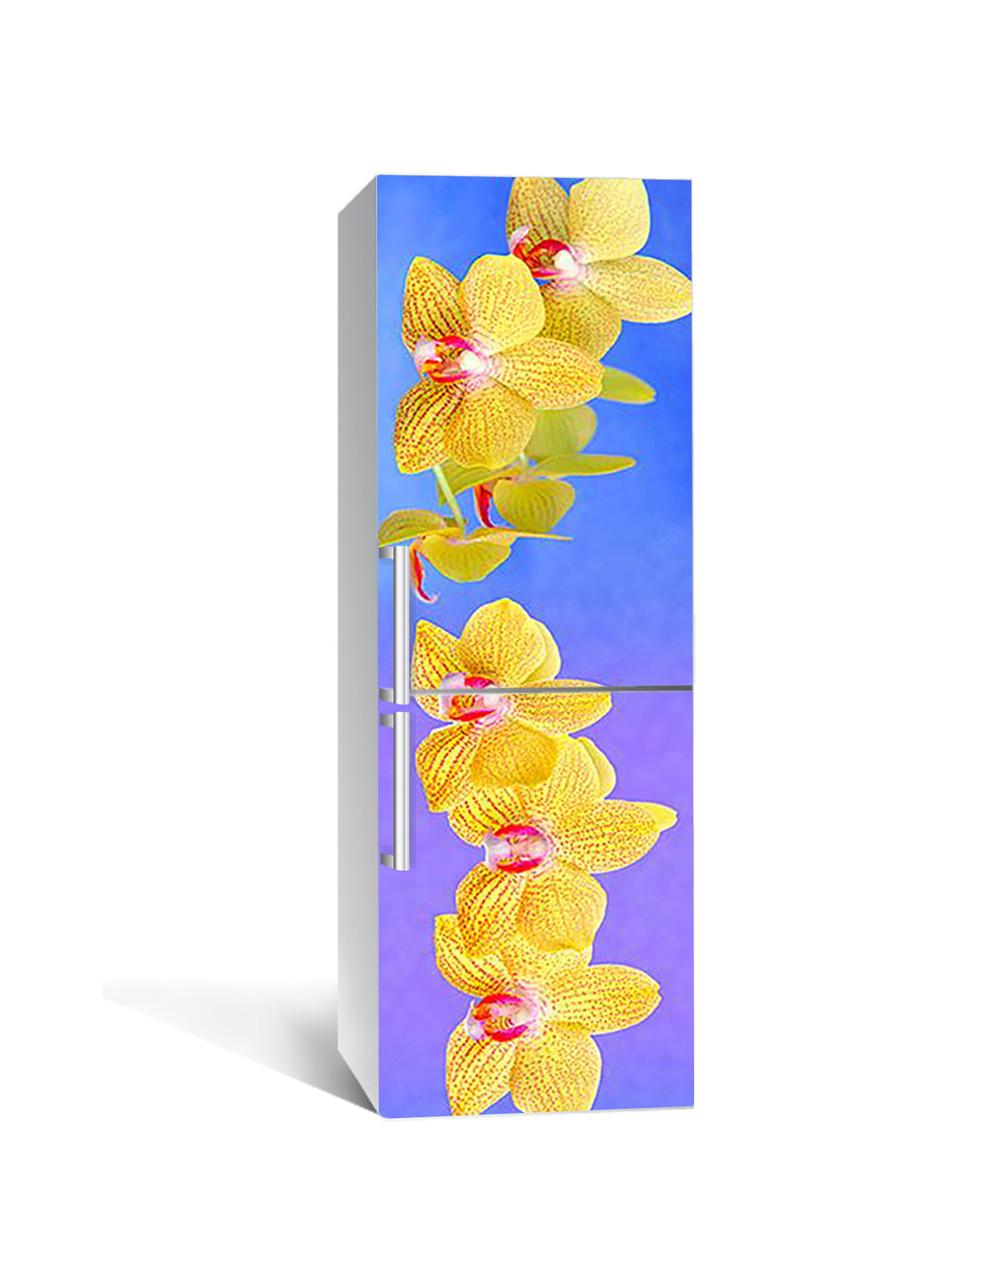 Виниловая наклейка на холодильник Желтые Тигровые Орхидеи самоклеющаяся ламинированная пленка ПВХ цветы